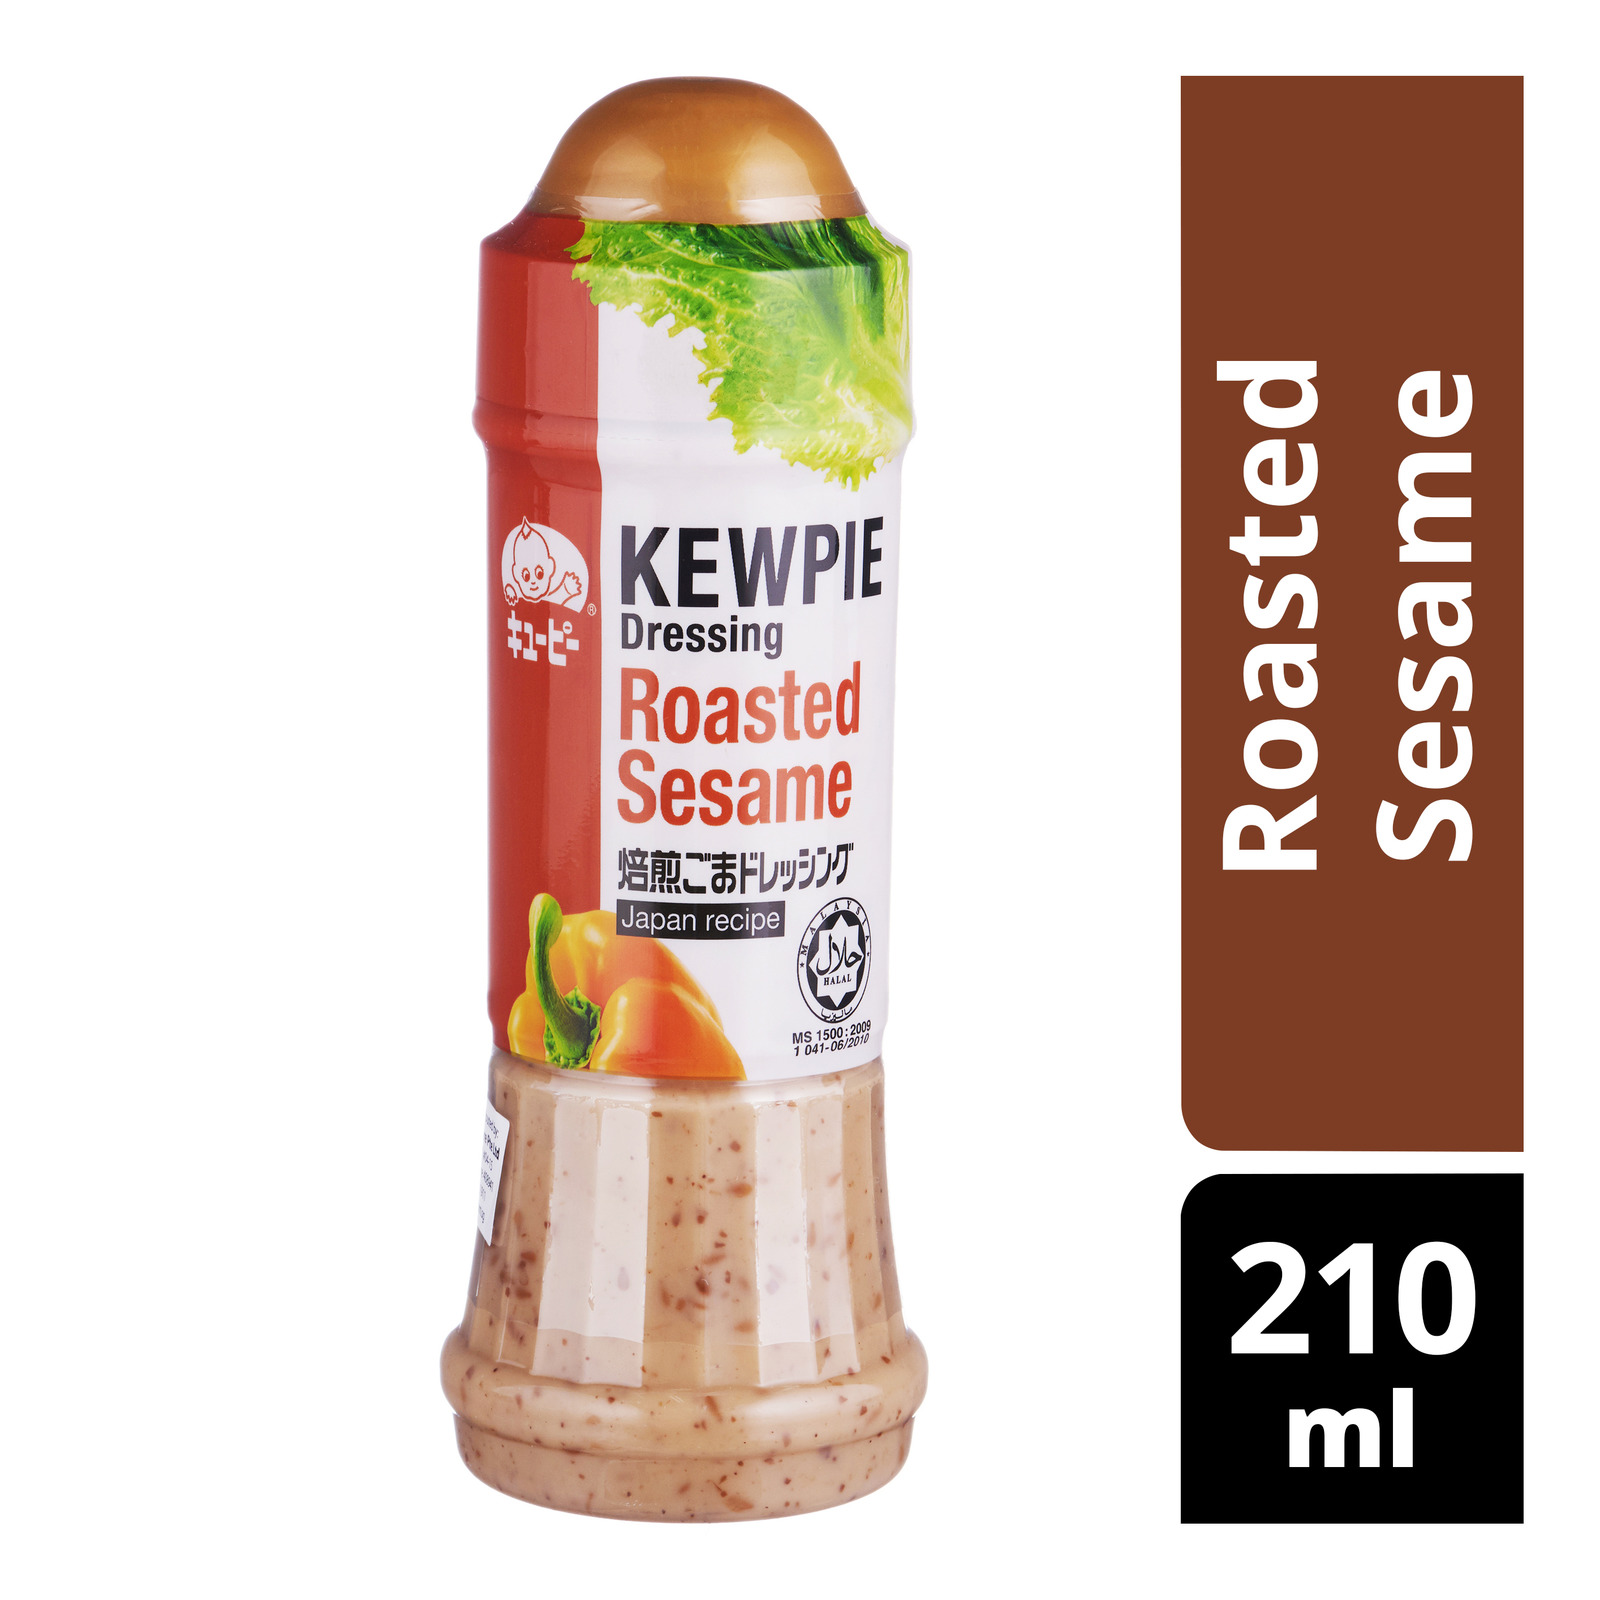 Kewpie Dressing - Roasted Sesame